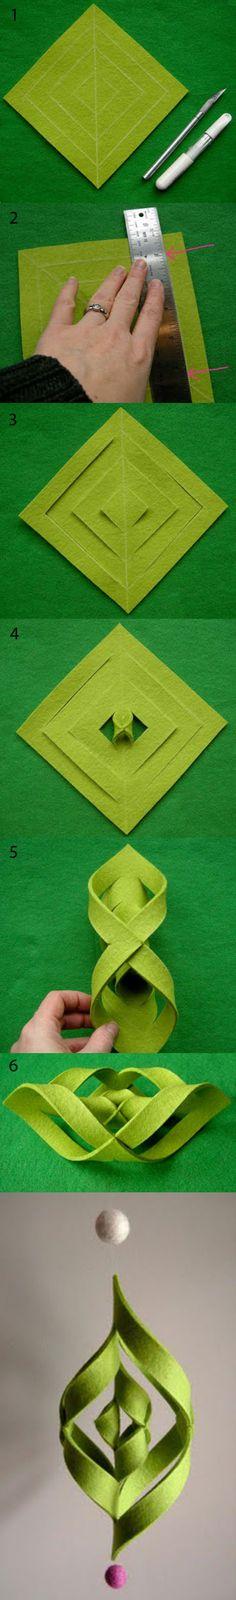 美麗簡單的不織布吊飾製作教程